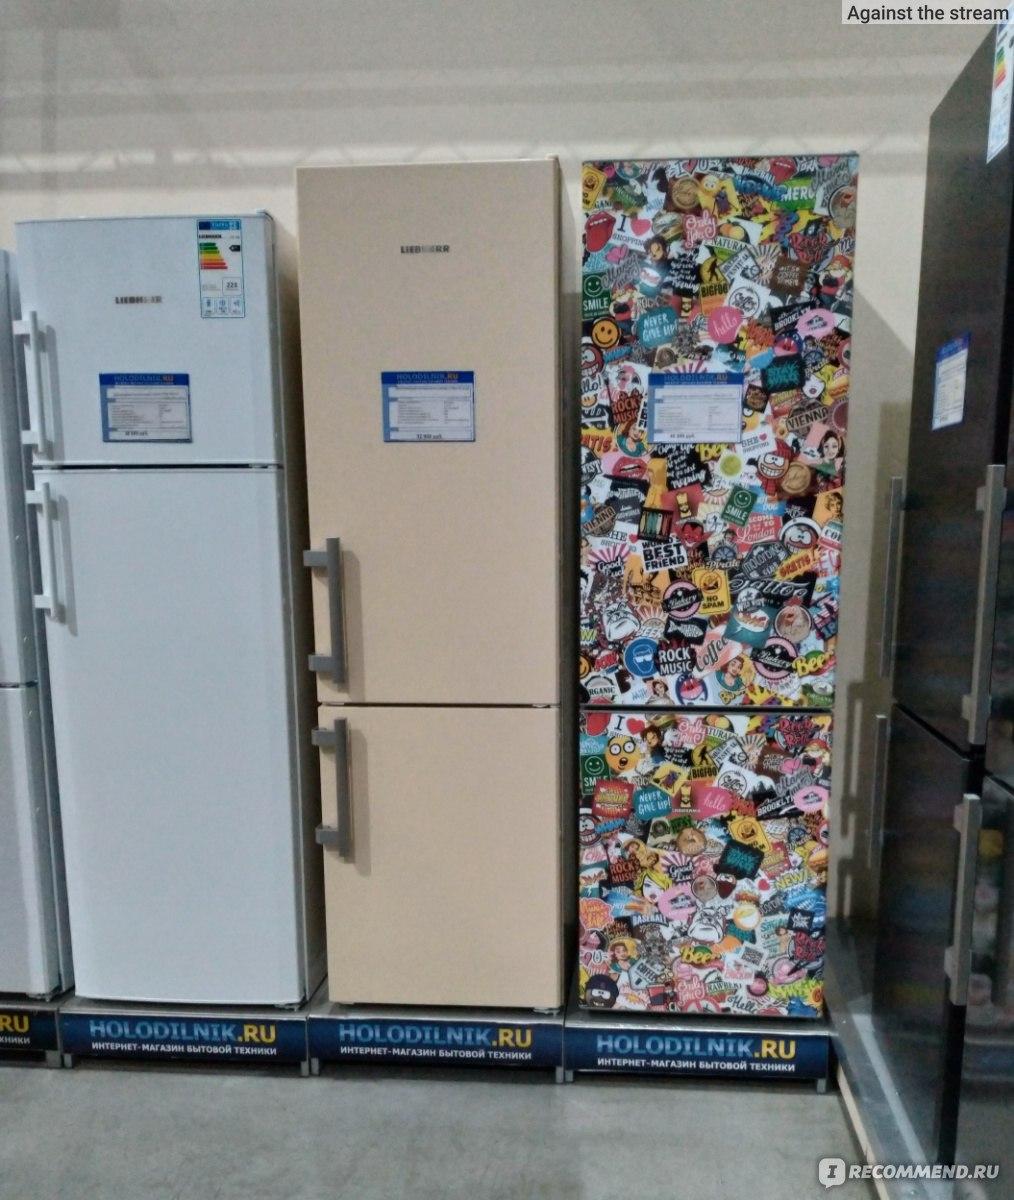 Холодильник ру картинки